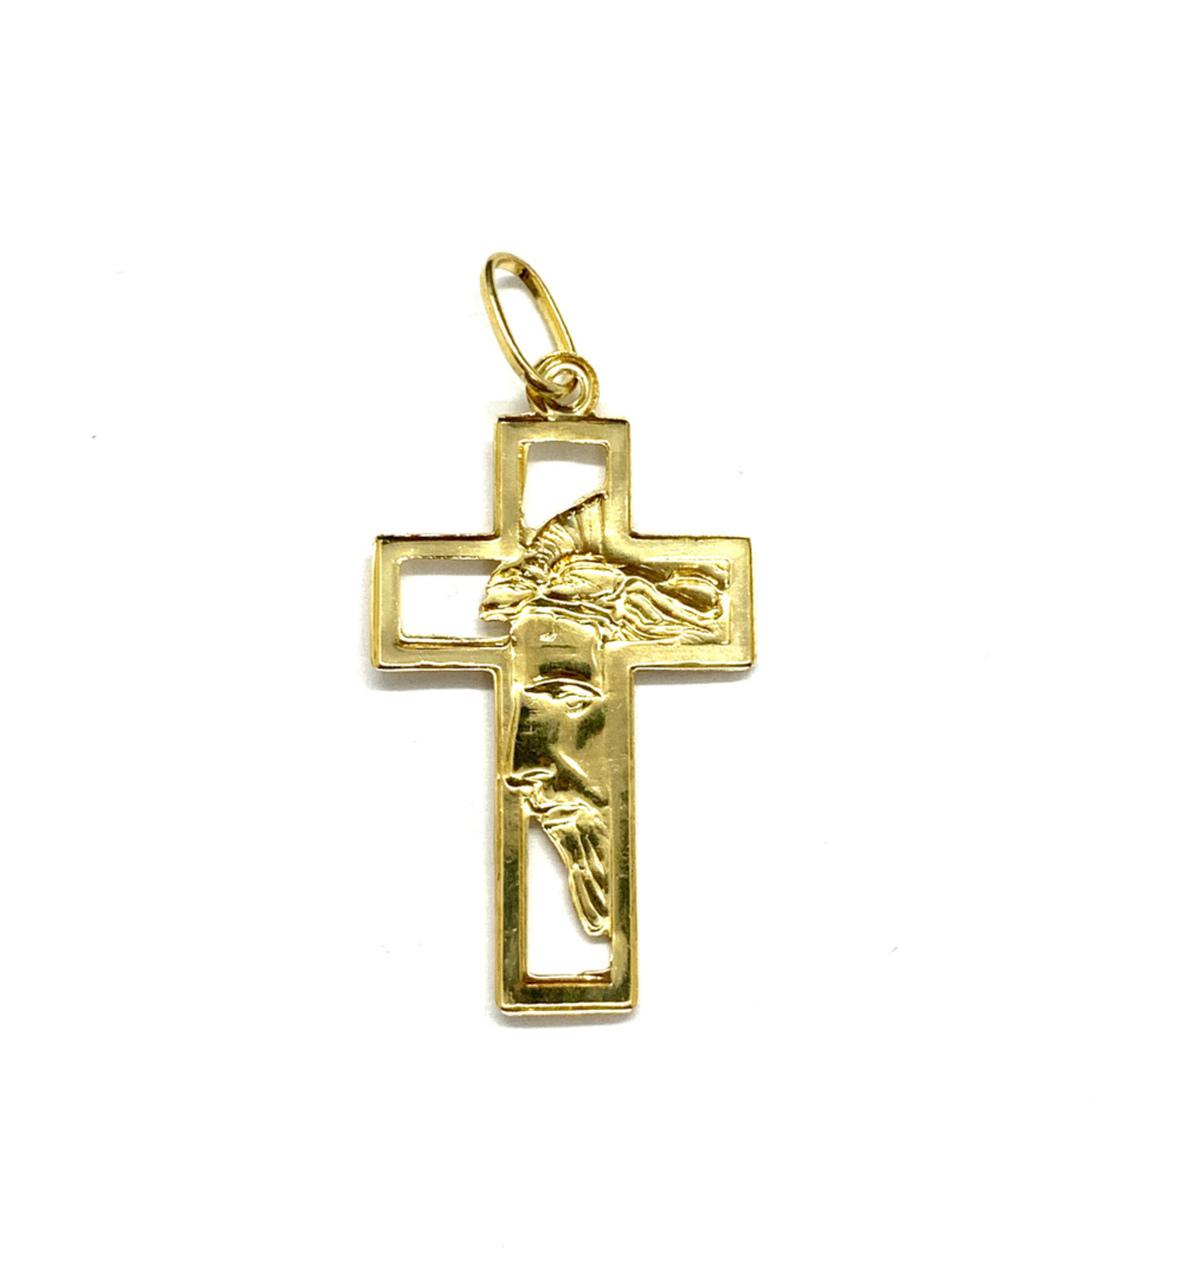 Pingente Ouro 18k Cruz Vazada com Face de Cristo